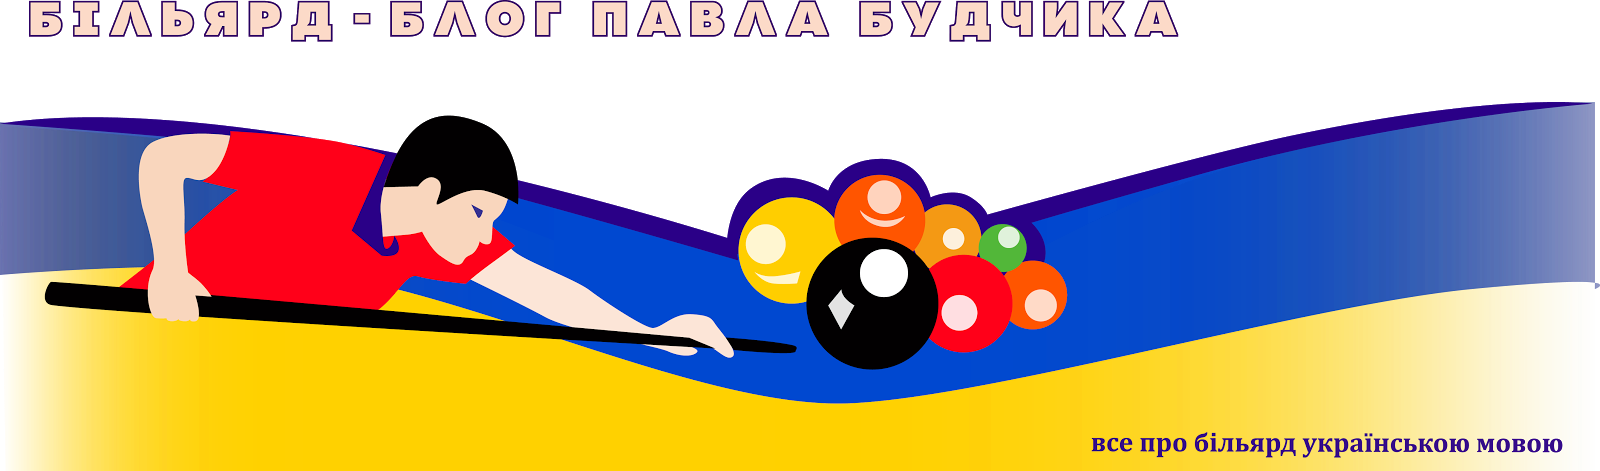 Більярд - блог Павла Будчика